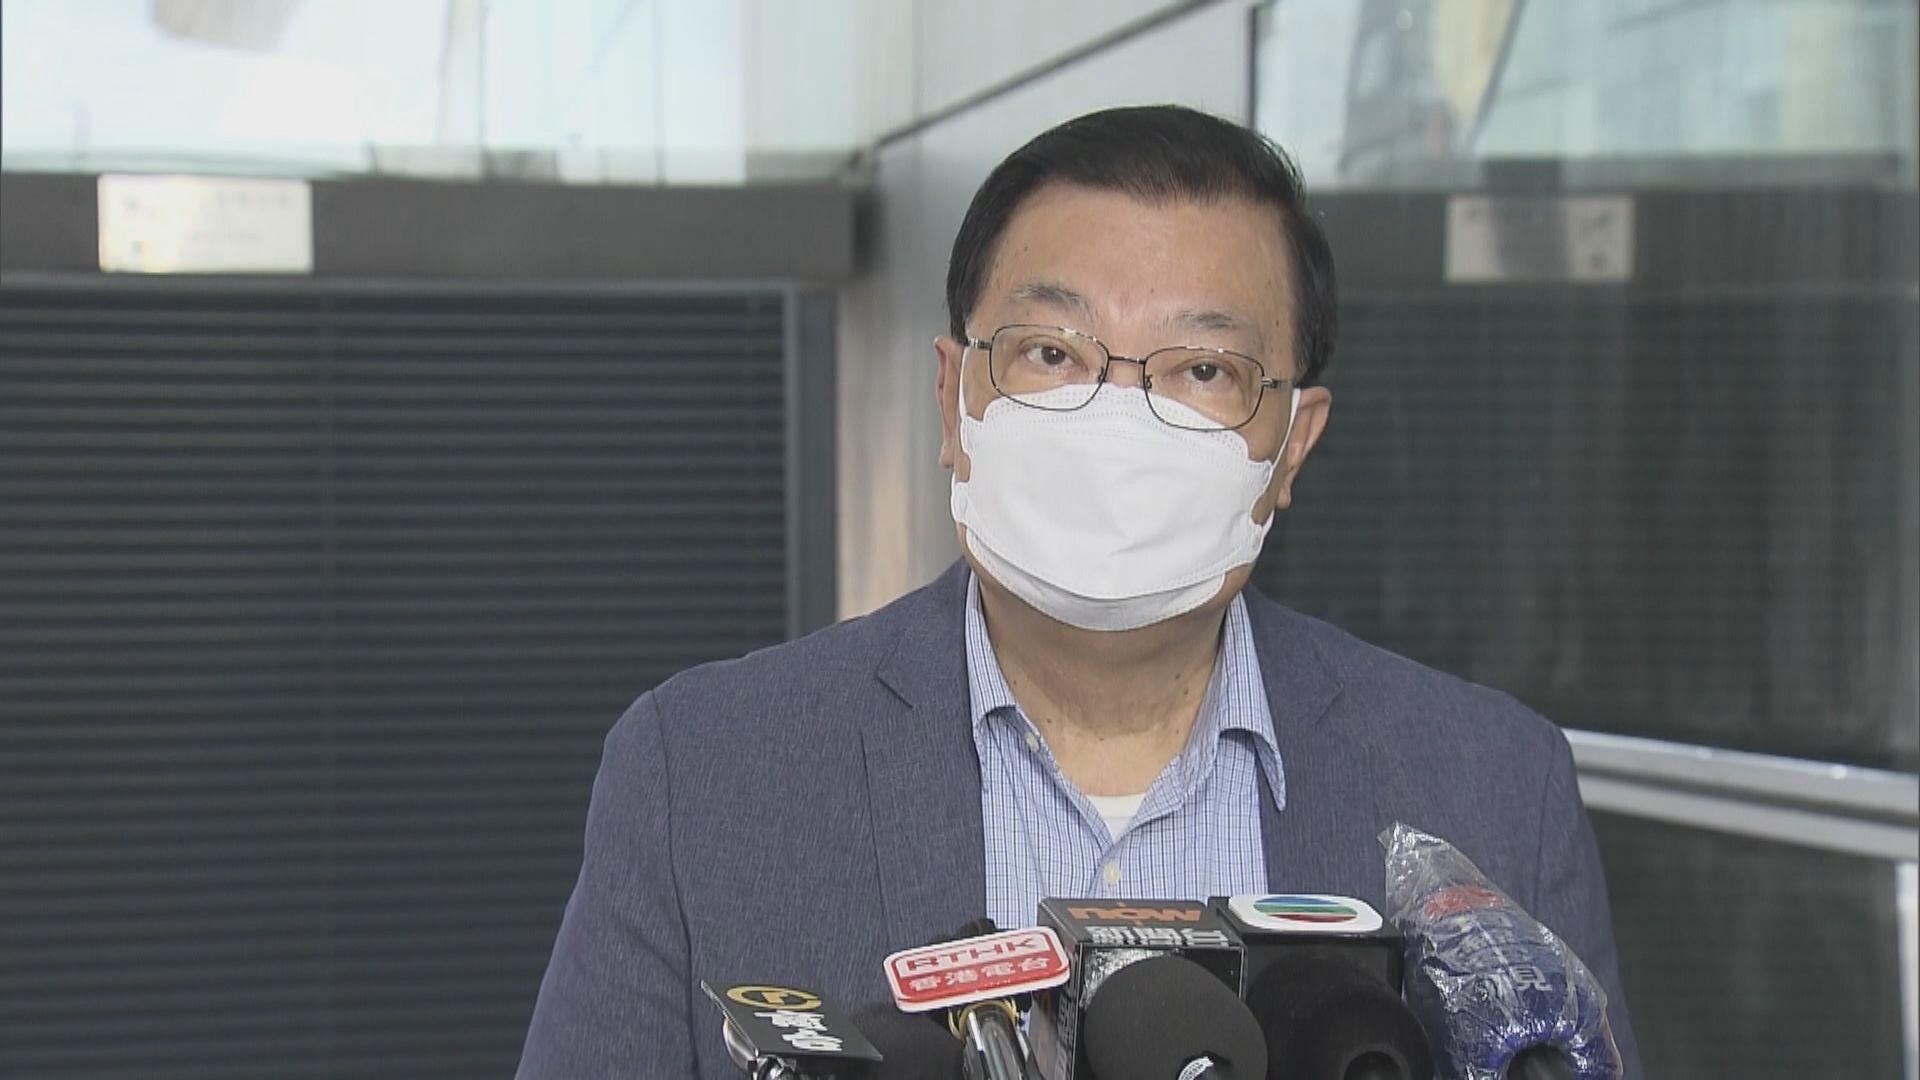 譚耀宗:暫時未聽到民主派議員會杯葛真空期的議會